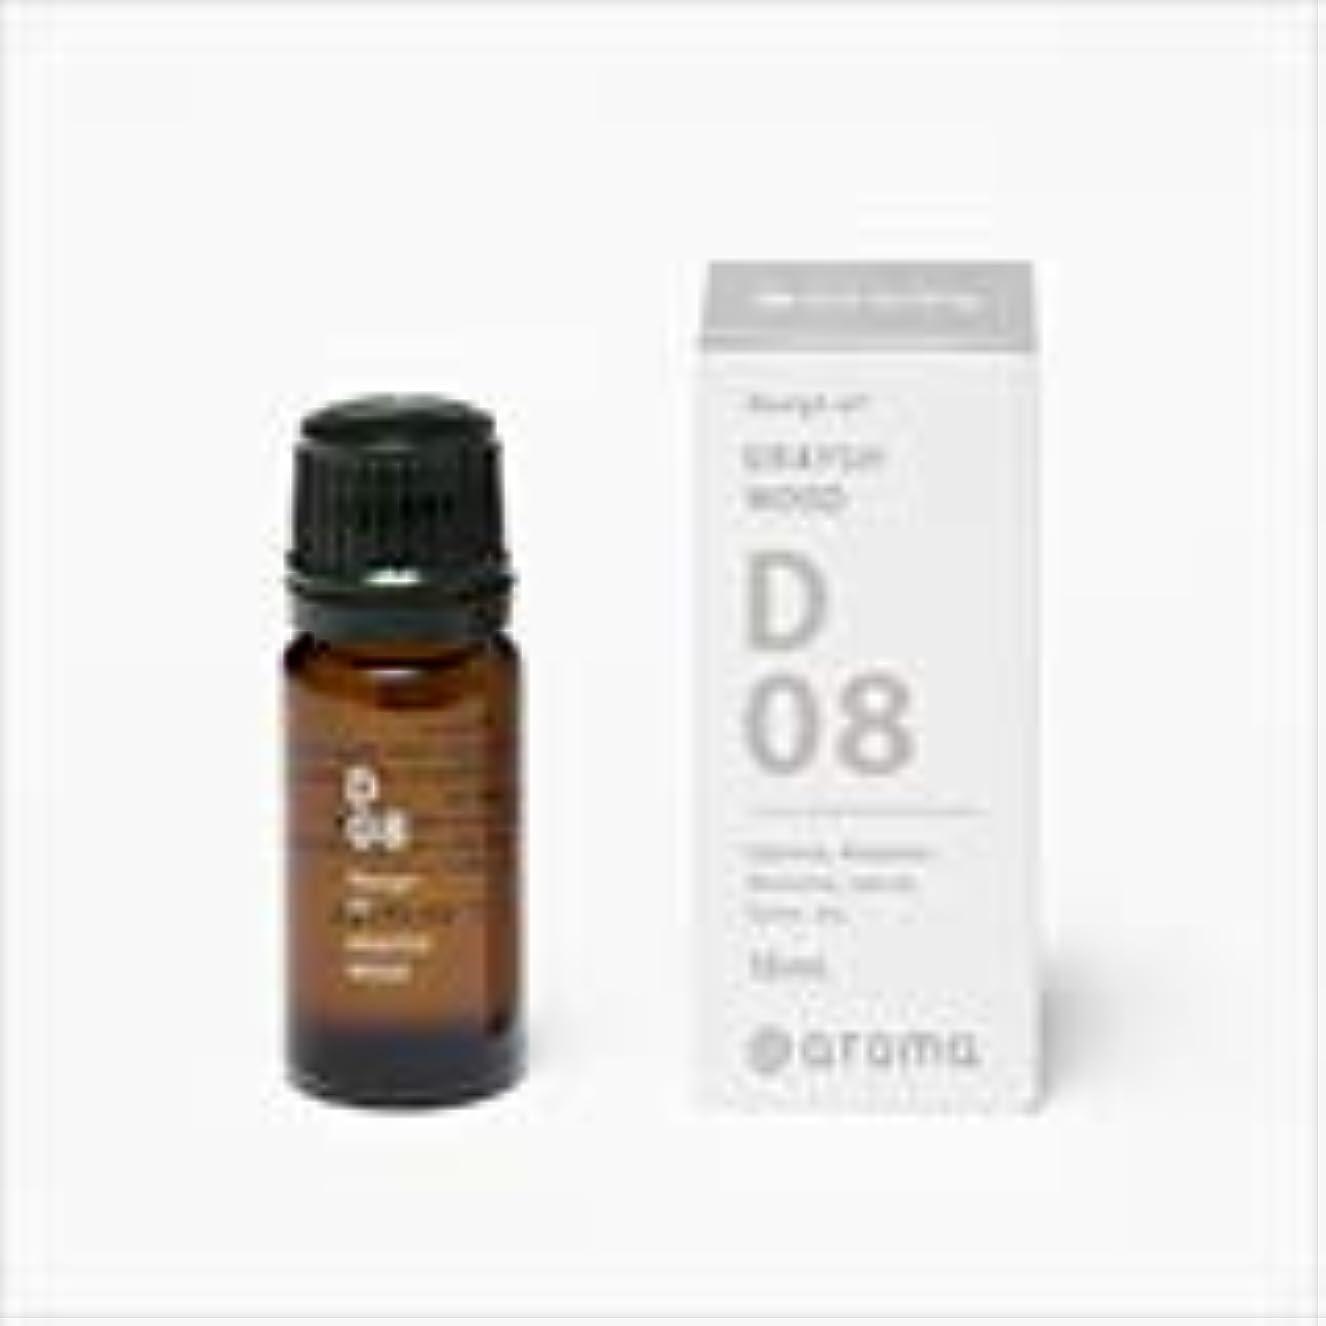 技術服よろしくアットアロマ 100%pure essential oil <Design air サニーデイ>